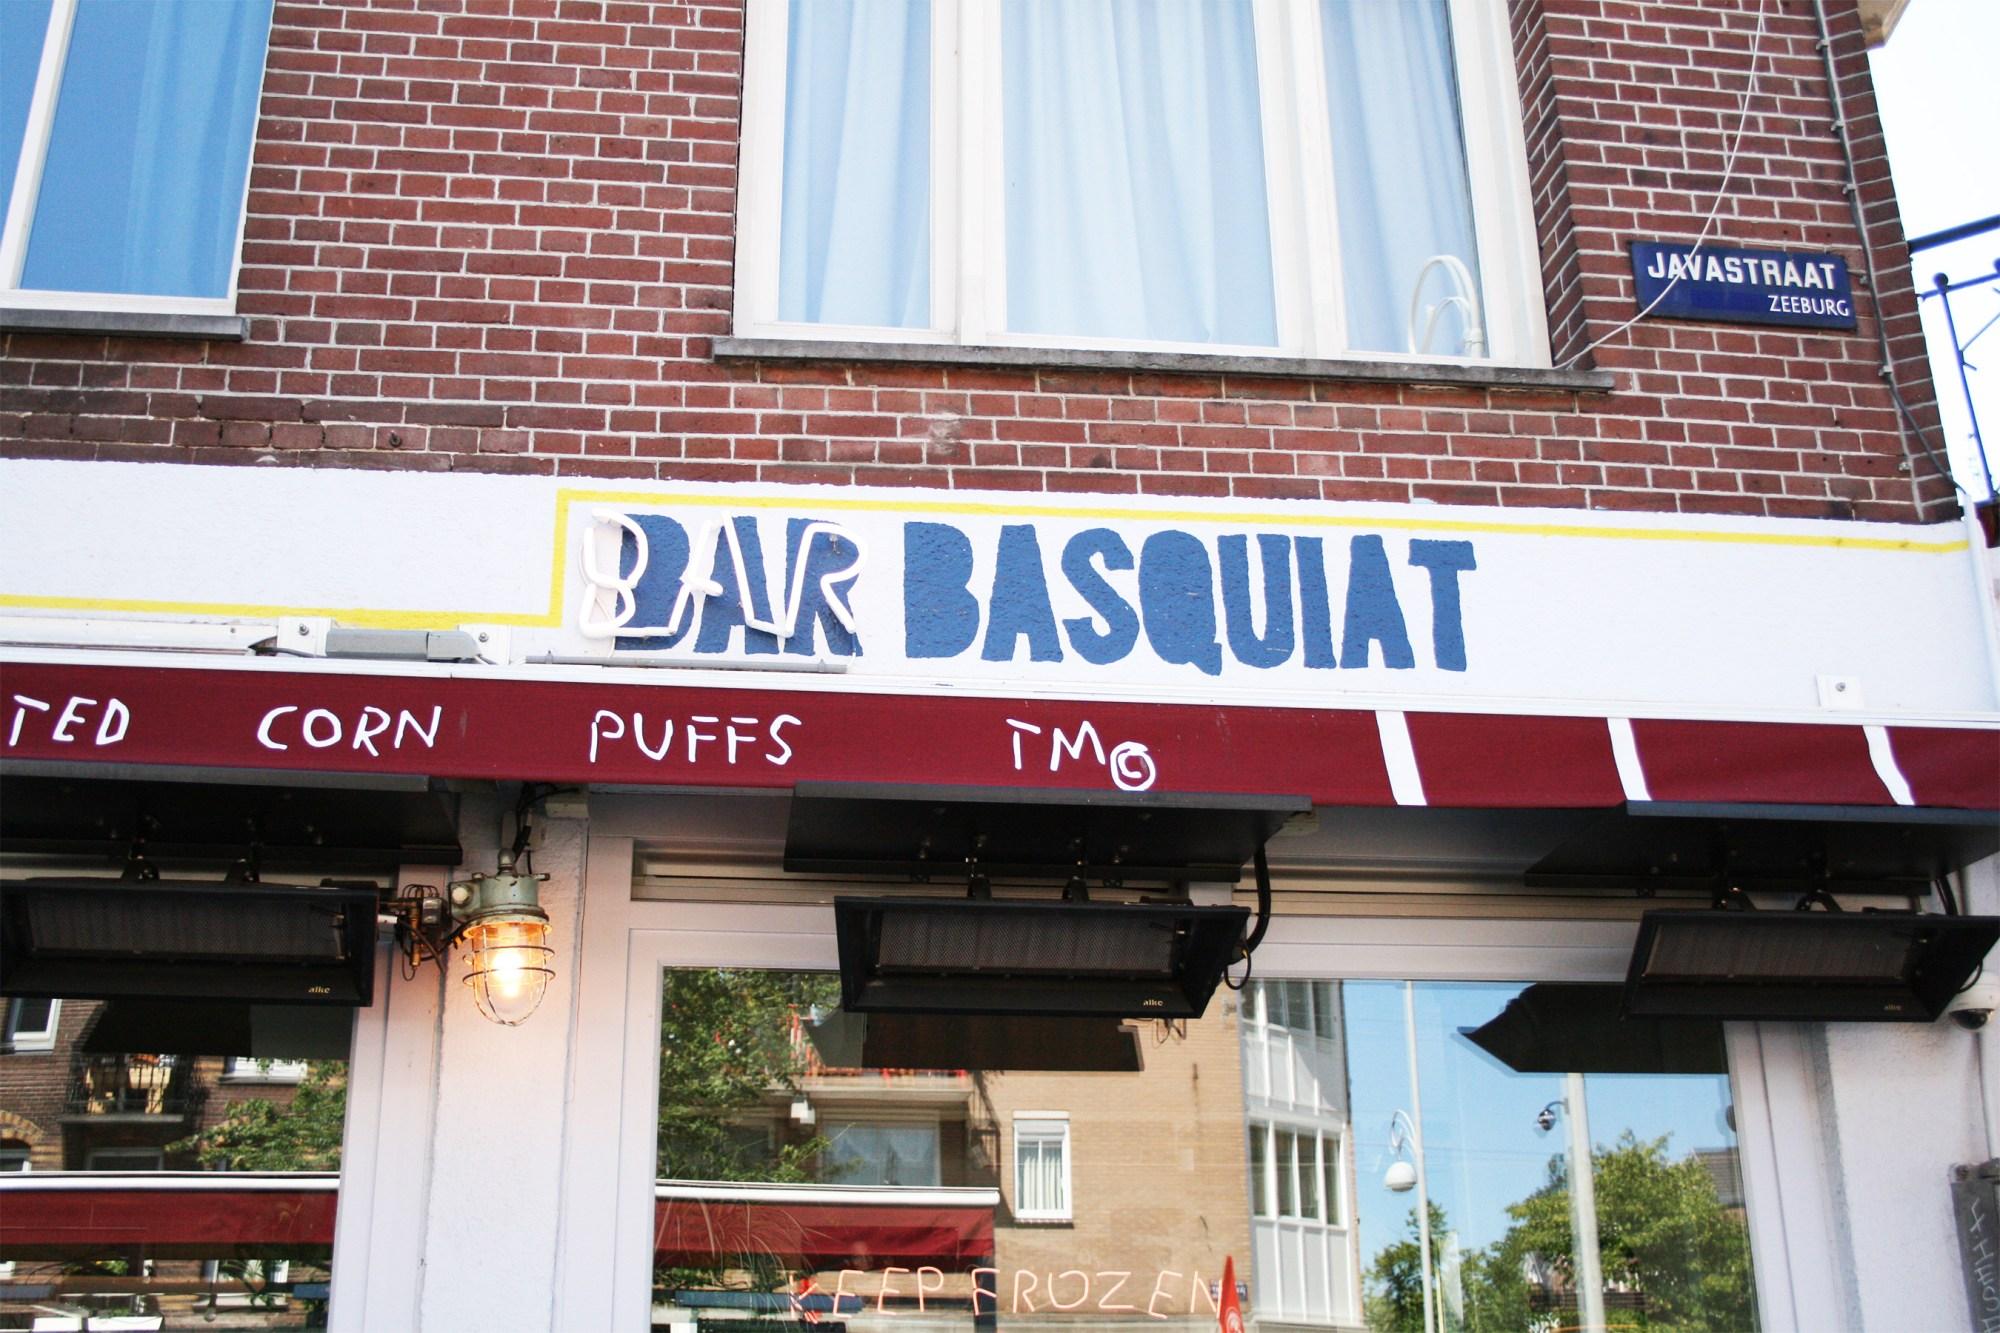 De gevel van Bar Basquiat in de Javastraat in het Javakwartier